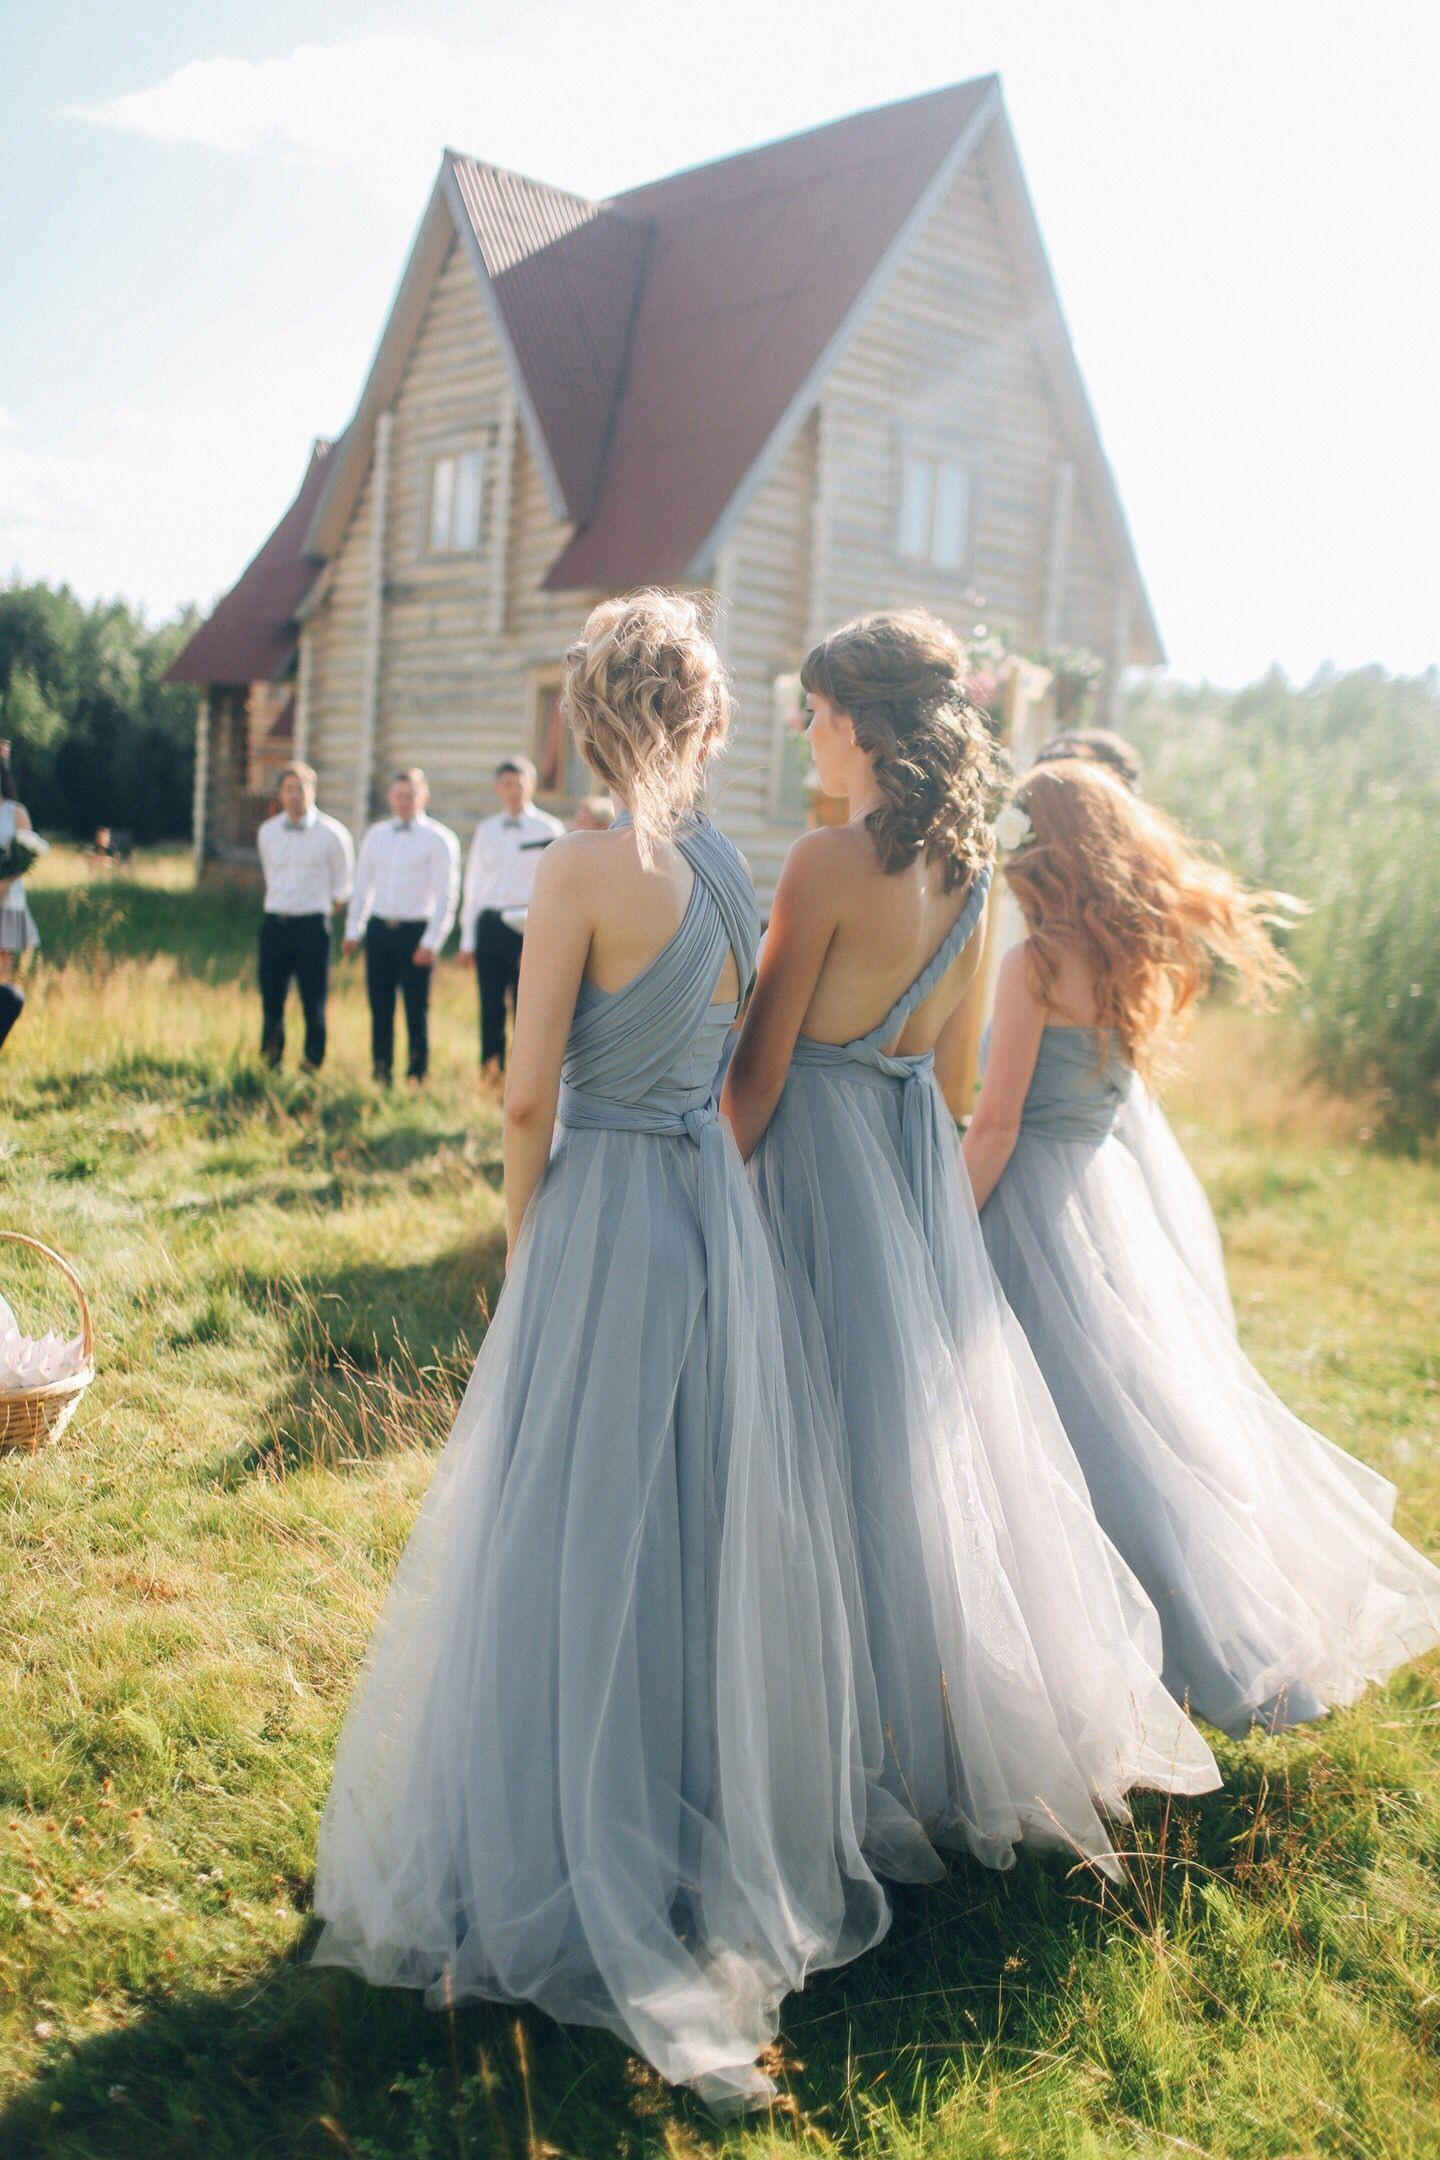 Abend Cool Graue Kleider Für Hochzeit StylishFormal Schön Graue Kleider Für Hochzeit für 2019